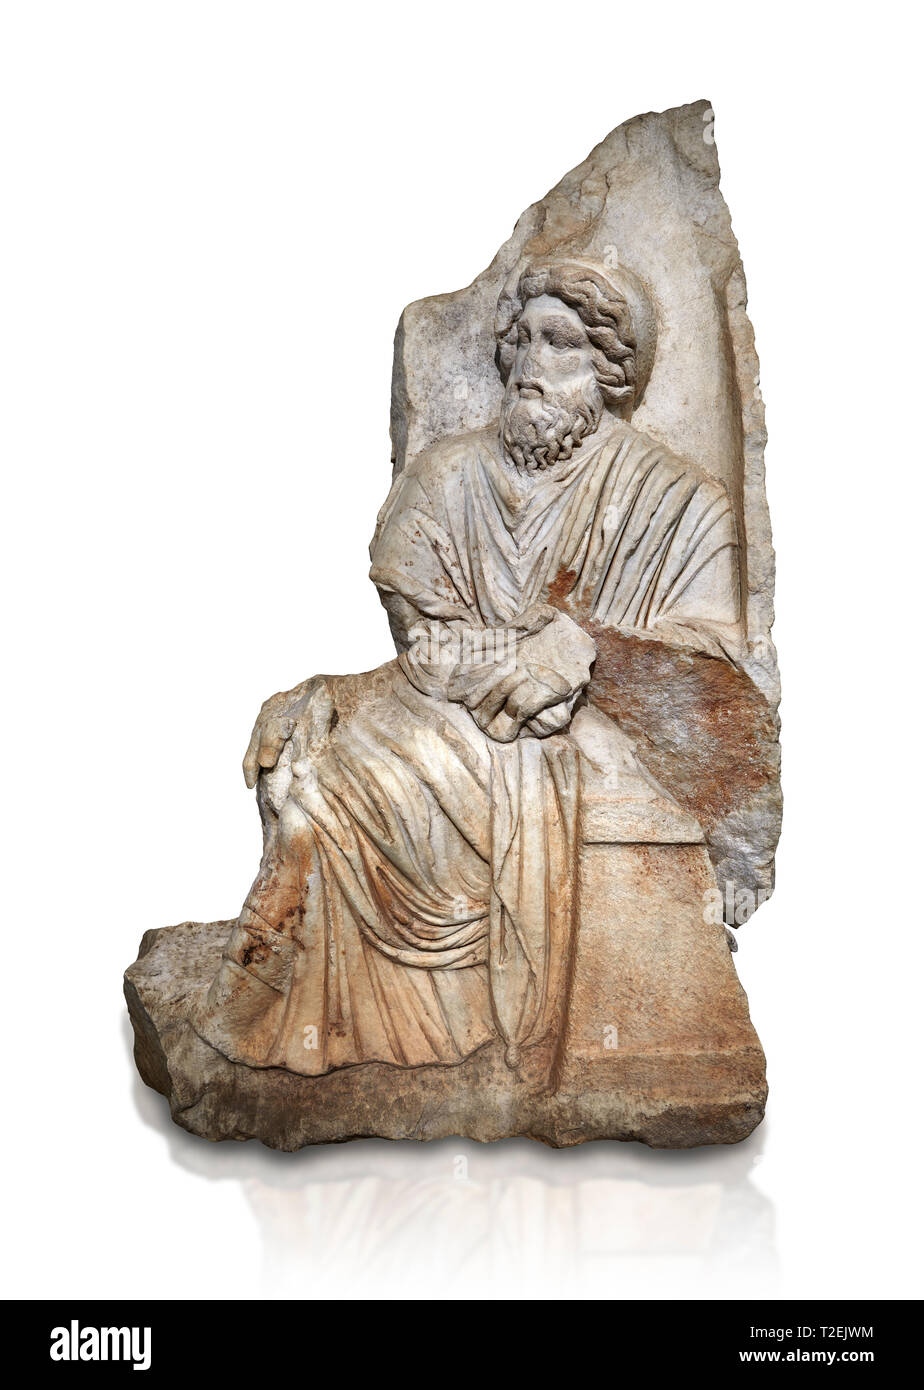 Sebasteion romana scultura in rilievo di un dio seduto o re, , Aphrodisias museo, Aphrodisias, Turchia. Un vecchio barbuto dio mitologici o Re s Immagini Stock